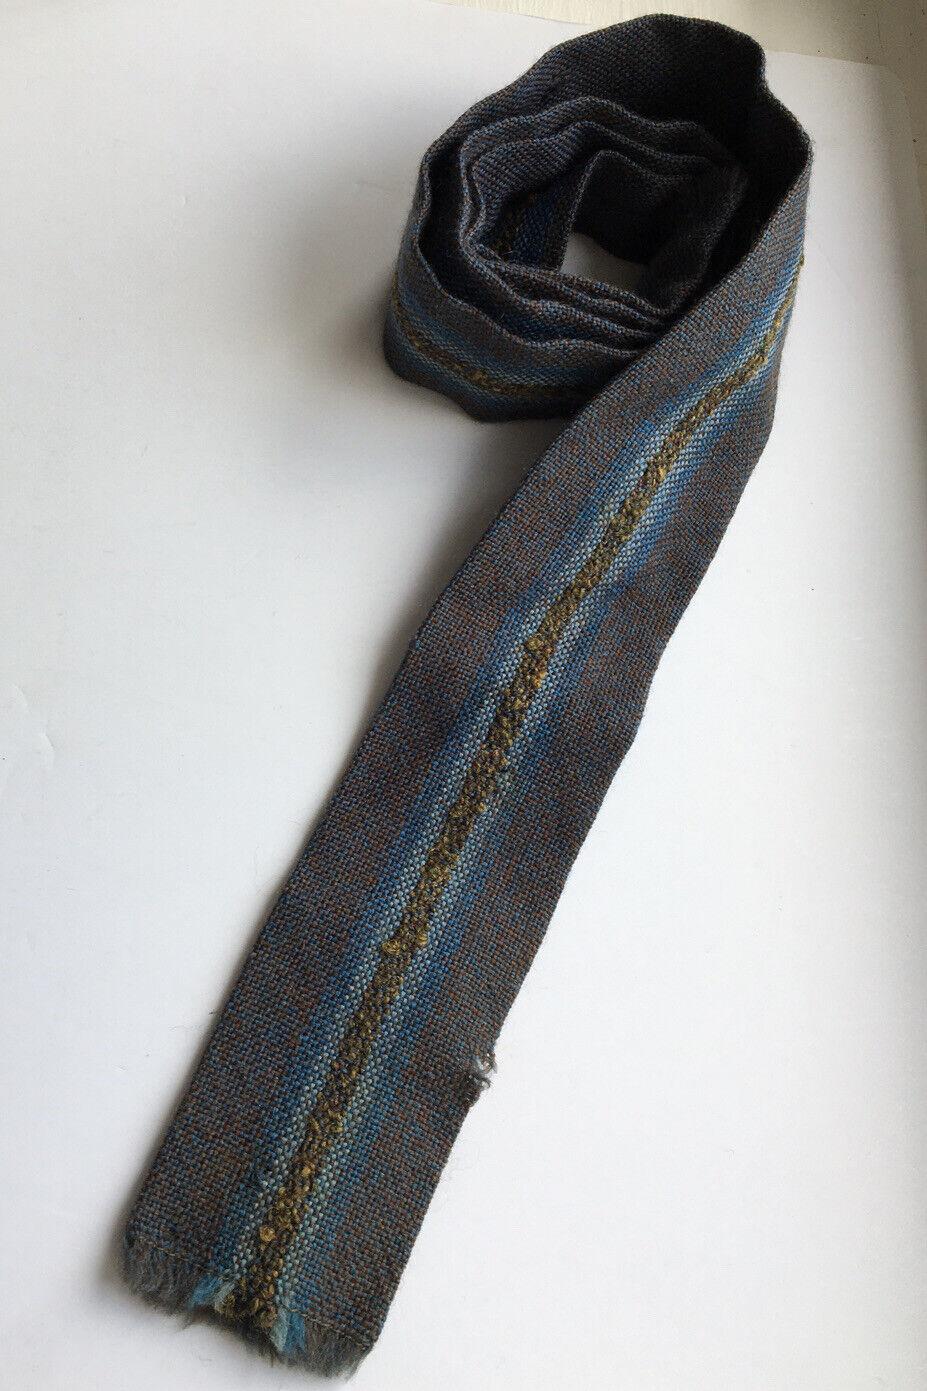 Vintage 100% Wool Tweed Square End Skinny Tie Vardoc Oxford Hipster Mod 1960's